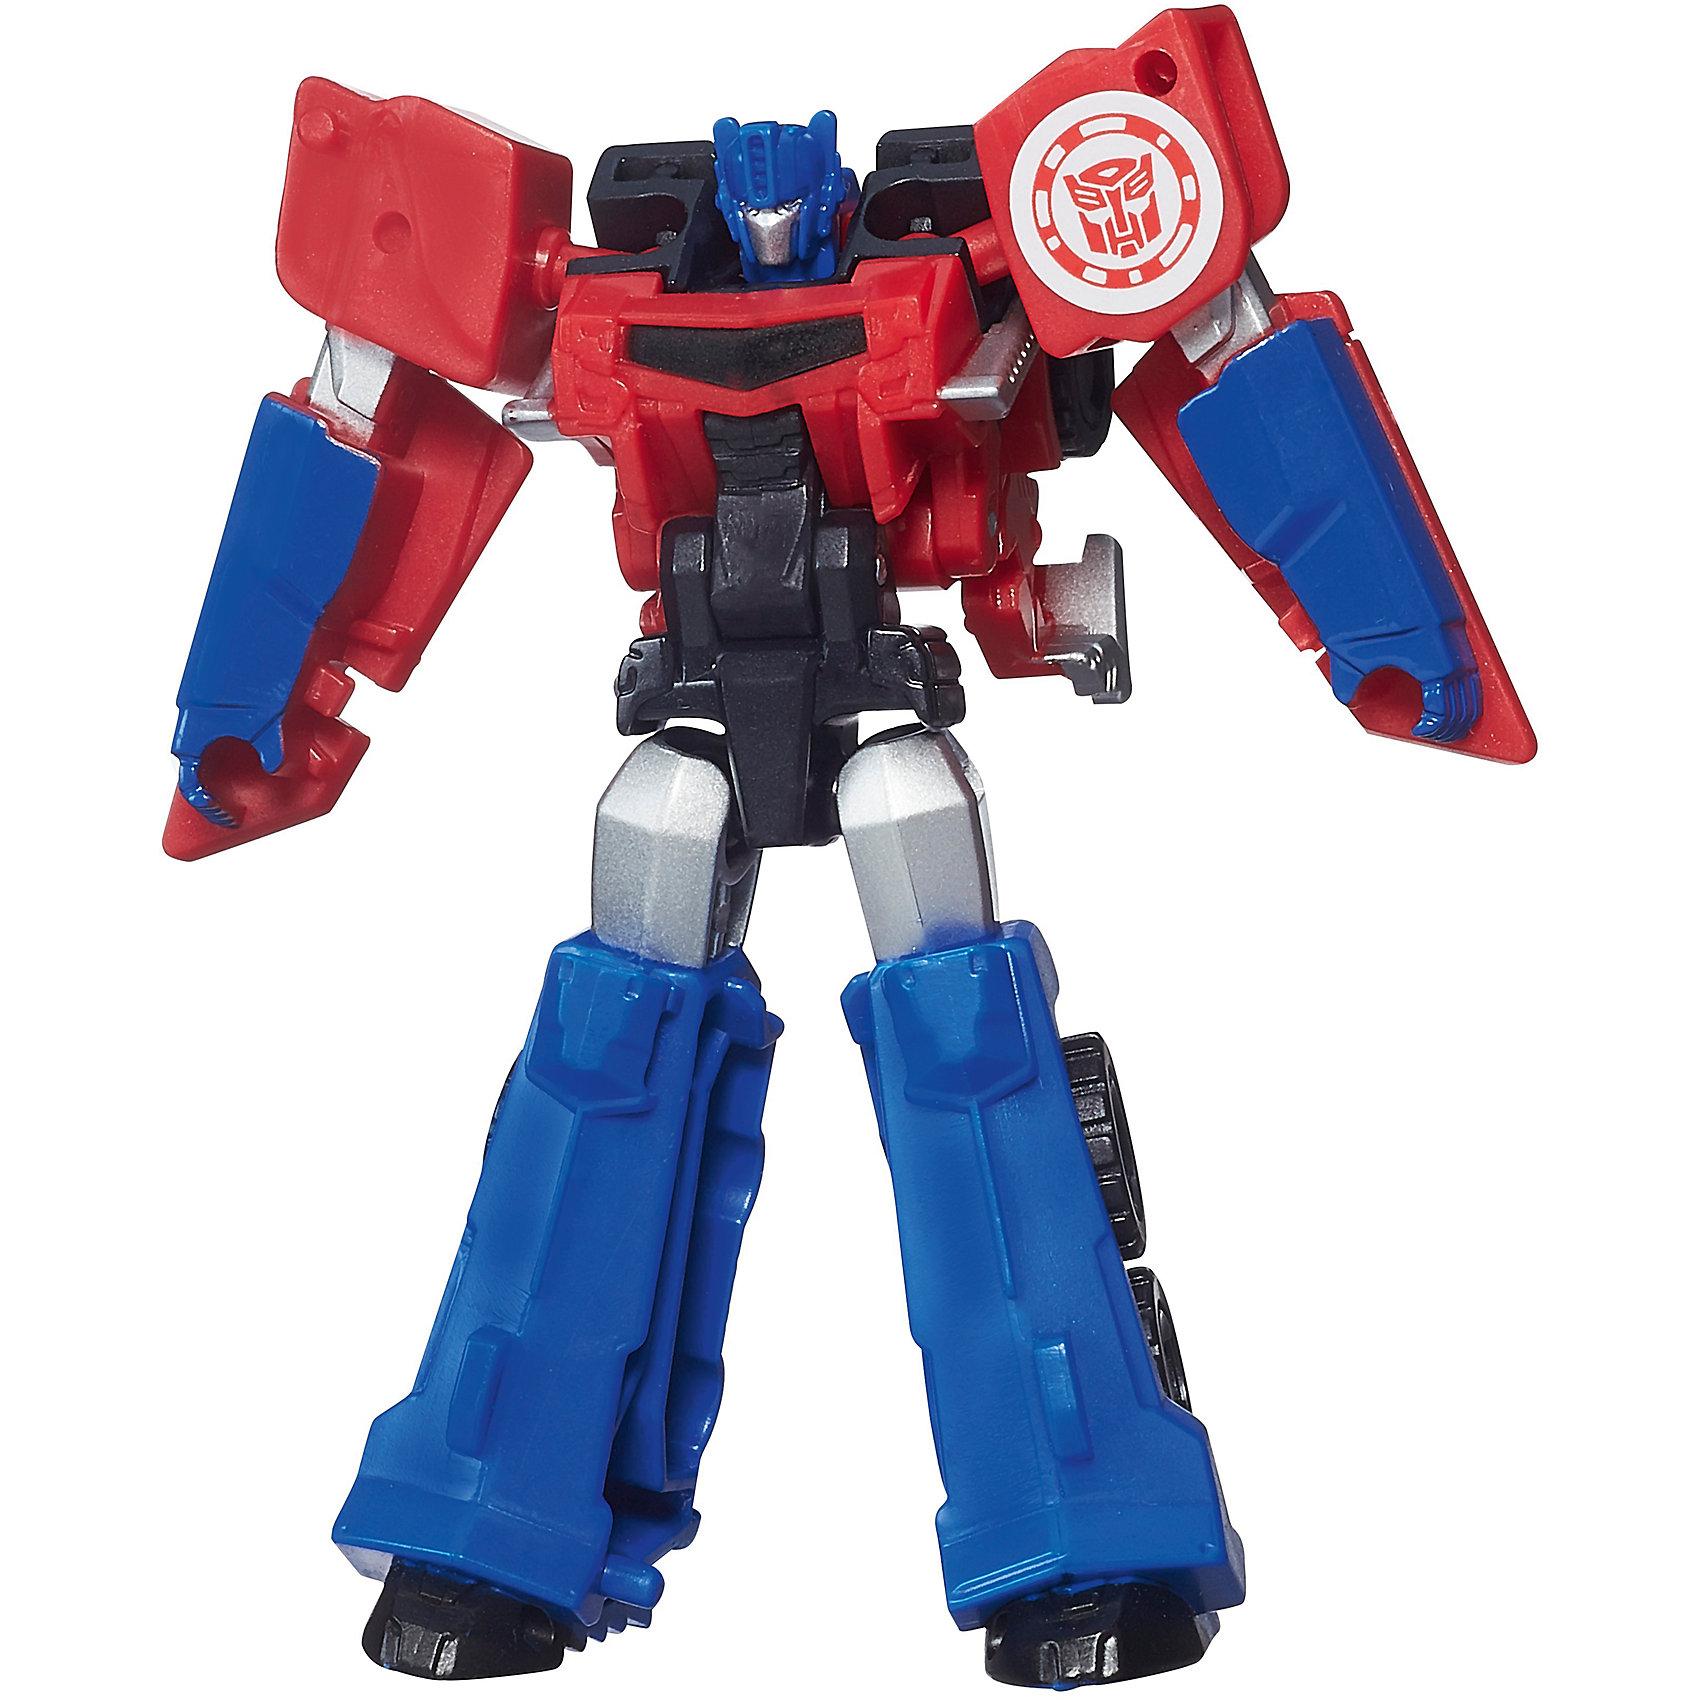 Трансформер Hasbro Роботы под прикрытием Legion Class - Оптимус ПраймИдеи подарков<br>Характеристики товара:<br><br>• возраст от 5 лет;<br>• материал: пластик;<br>• высота робота 7 см;<br>• размер упаковки 17,2х11,1х4 см;<br>• вес упаковки 22 гр.;<br>• страна производитель: Китай.<br><br>Игрушка «Роботс-ин-Дисгайс Легион» Transformers — увлекательная игрушка, созданная по мотивам фильма «Трансформеры» про роботов-трансформеров, которые сражаются против злейшего врага — десептиконов. Игрушка без проблем трансформируется в транспортное средство. В процессе трансформации ребенок развивает моторику рук, логическое мышление. С обеими фигурками можно придумать увлекательные игры, устроить захватывающие сражения и гонки.<br><br>Игрушку «Роботс-ин-Дисгайс Легион» Трансформеры B0065/B0894 можно приобрести в нашем интернет-магазине.<br><br>Ширина мм: 172<br>Глубина мм: 111<br>Высота мм: 40<br>Вес г: 22<br>Возраст от месяцев: 60<br>Возраст до месяцев: 2147483647<br>Пол: Мужской<br>Возраст: Детский<br>SKU: 5622052